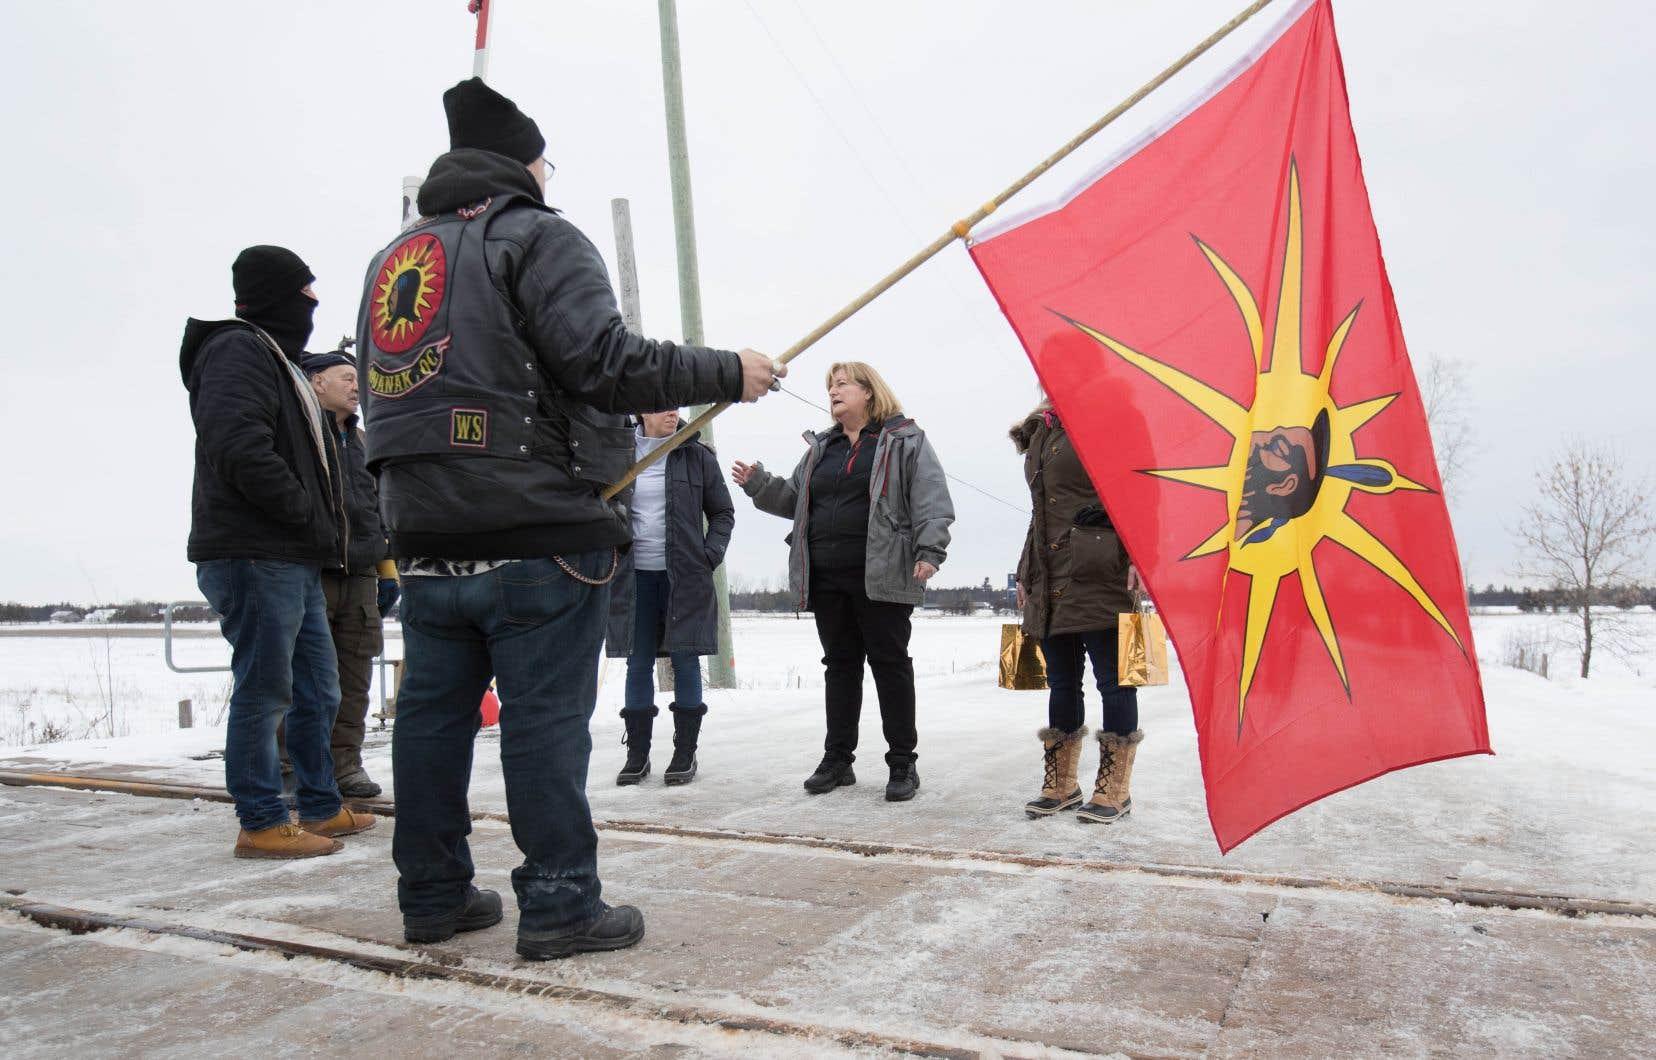 La voie ferrée est bloquée depuis plusieurs jours près de Belleville, en Ontario, par des manifestants opposés au projet de gazoduc Coastal GasLink.